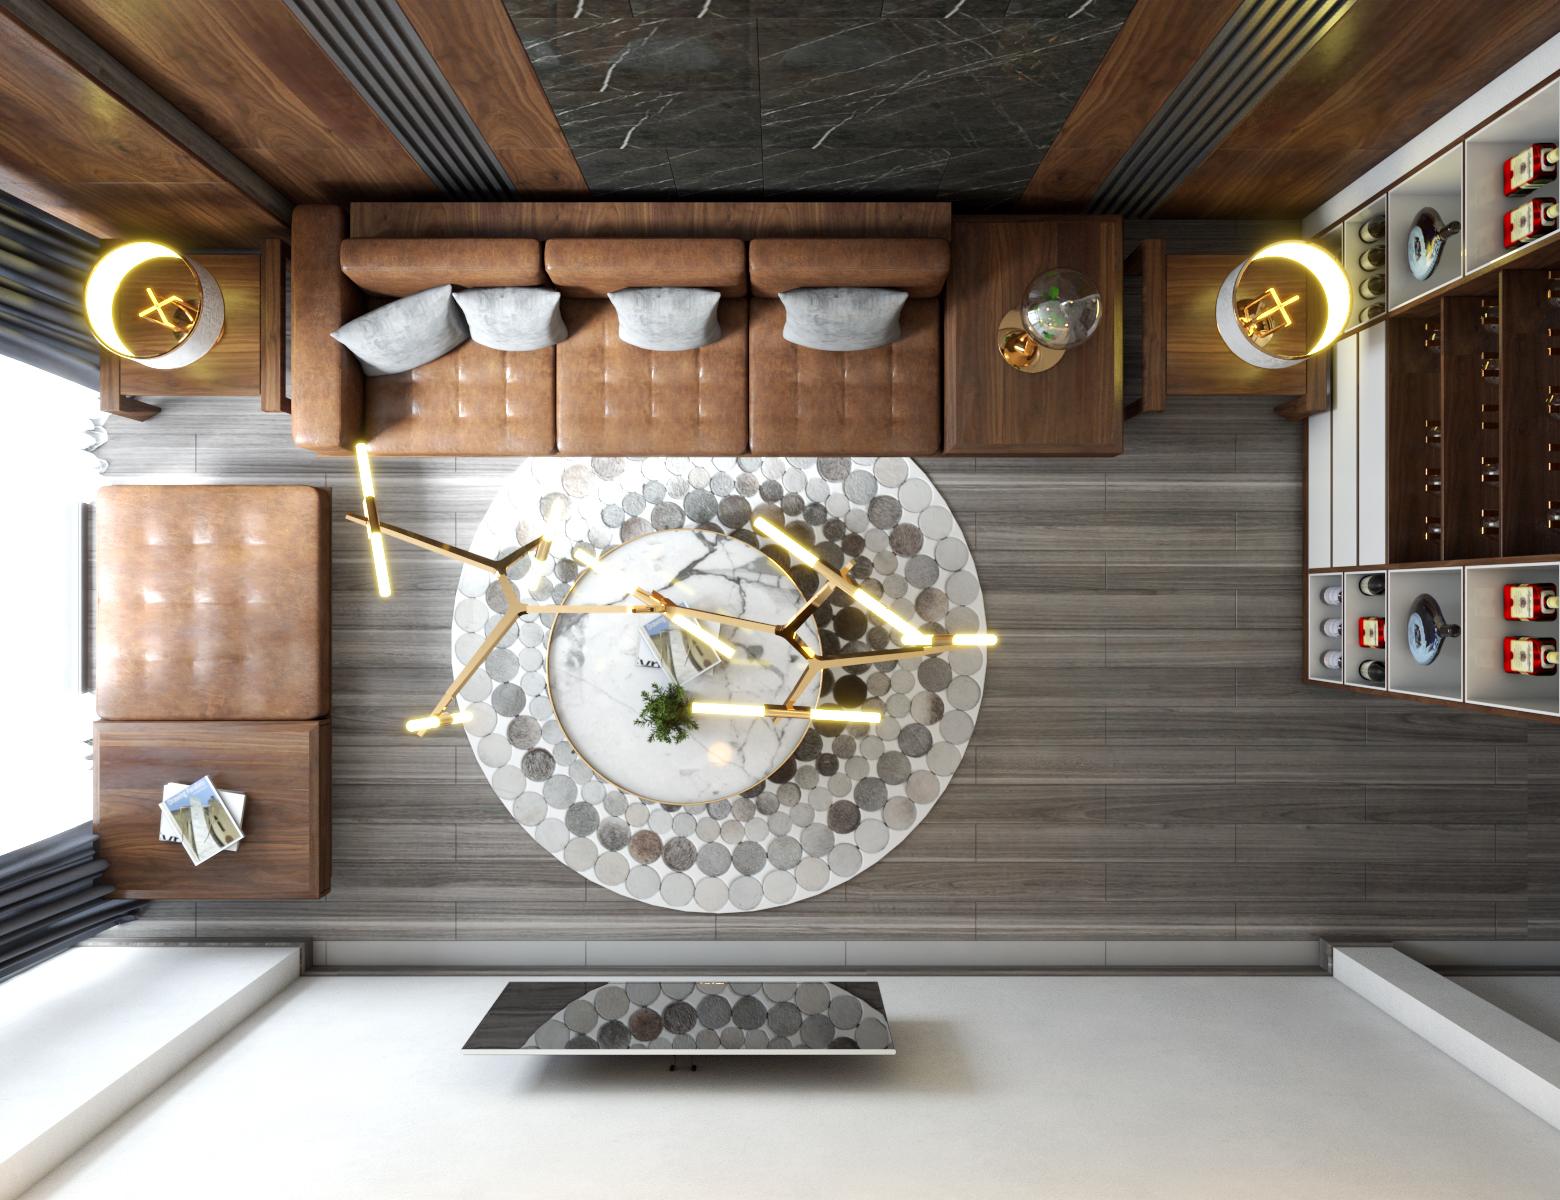 Thiết kế nội thất Nhà Mặt Phố tại Hà Nội cải tạo nội thất nhà phố 1584583716 5